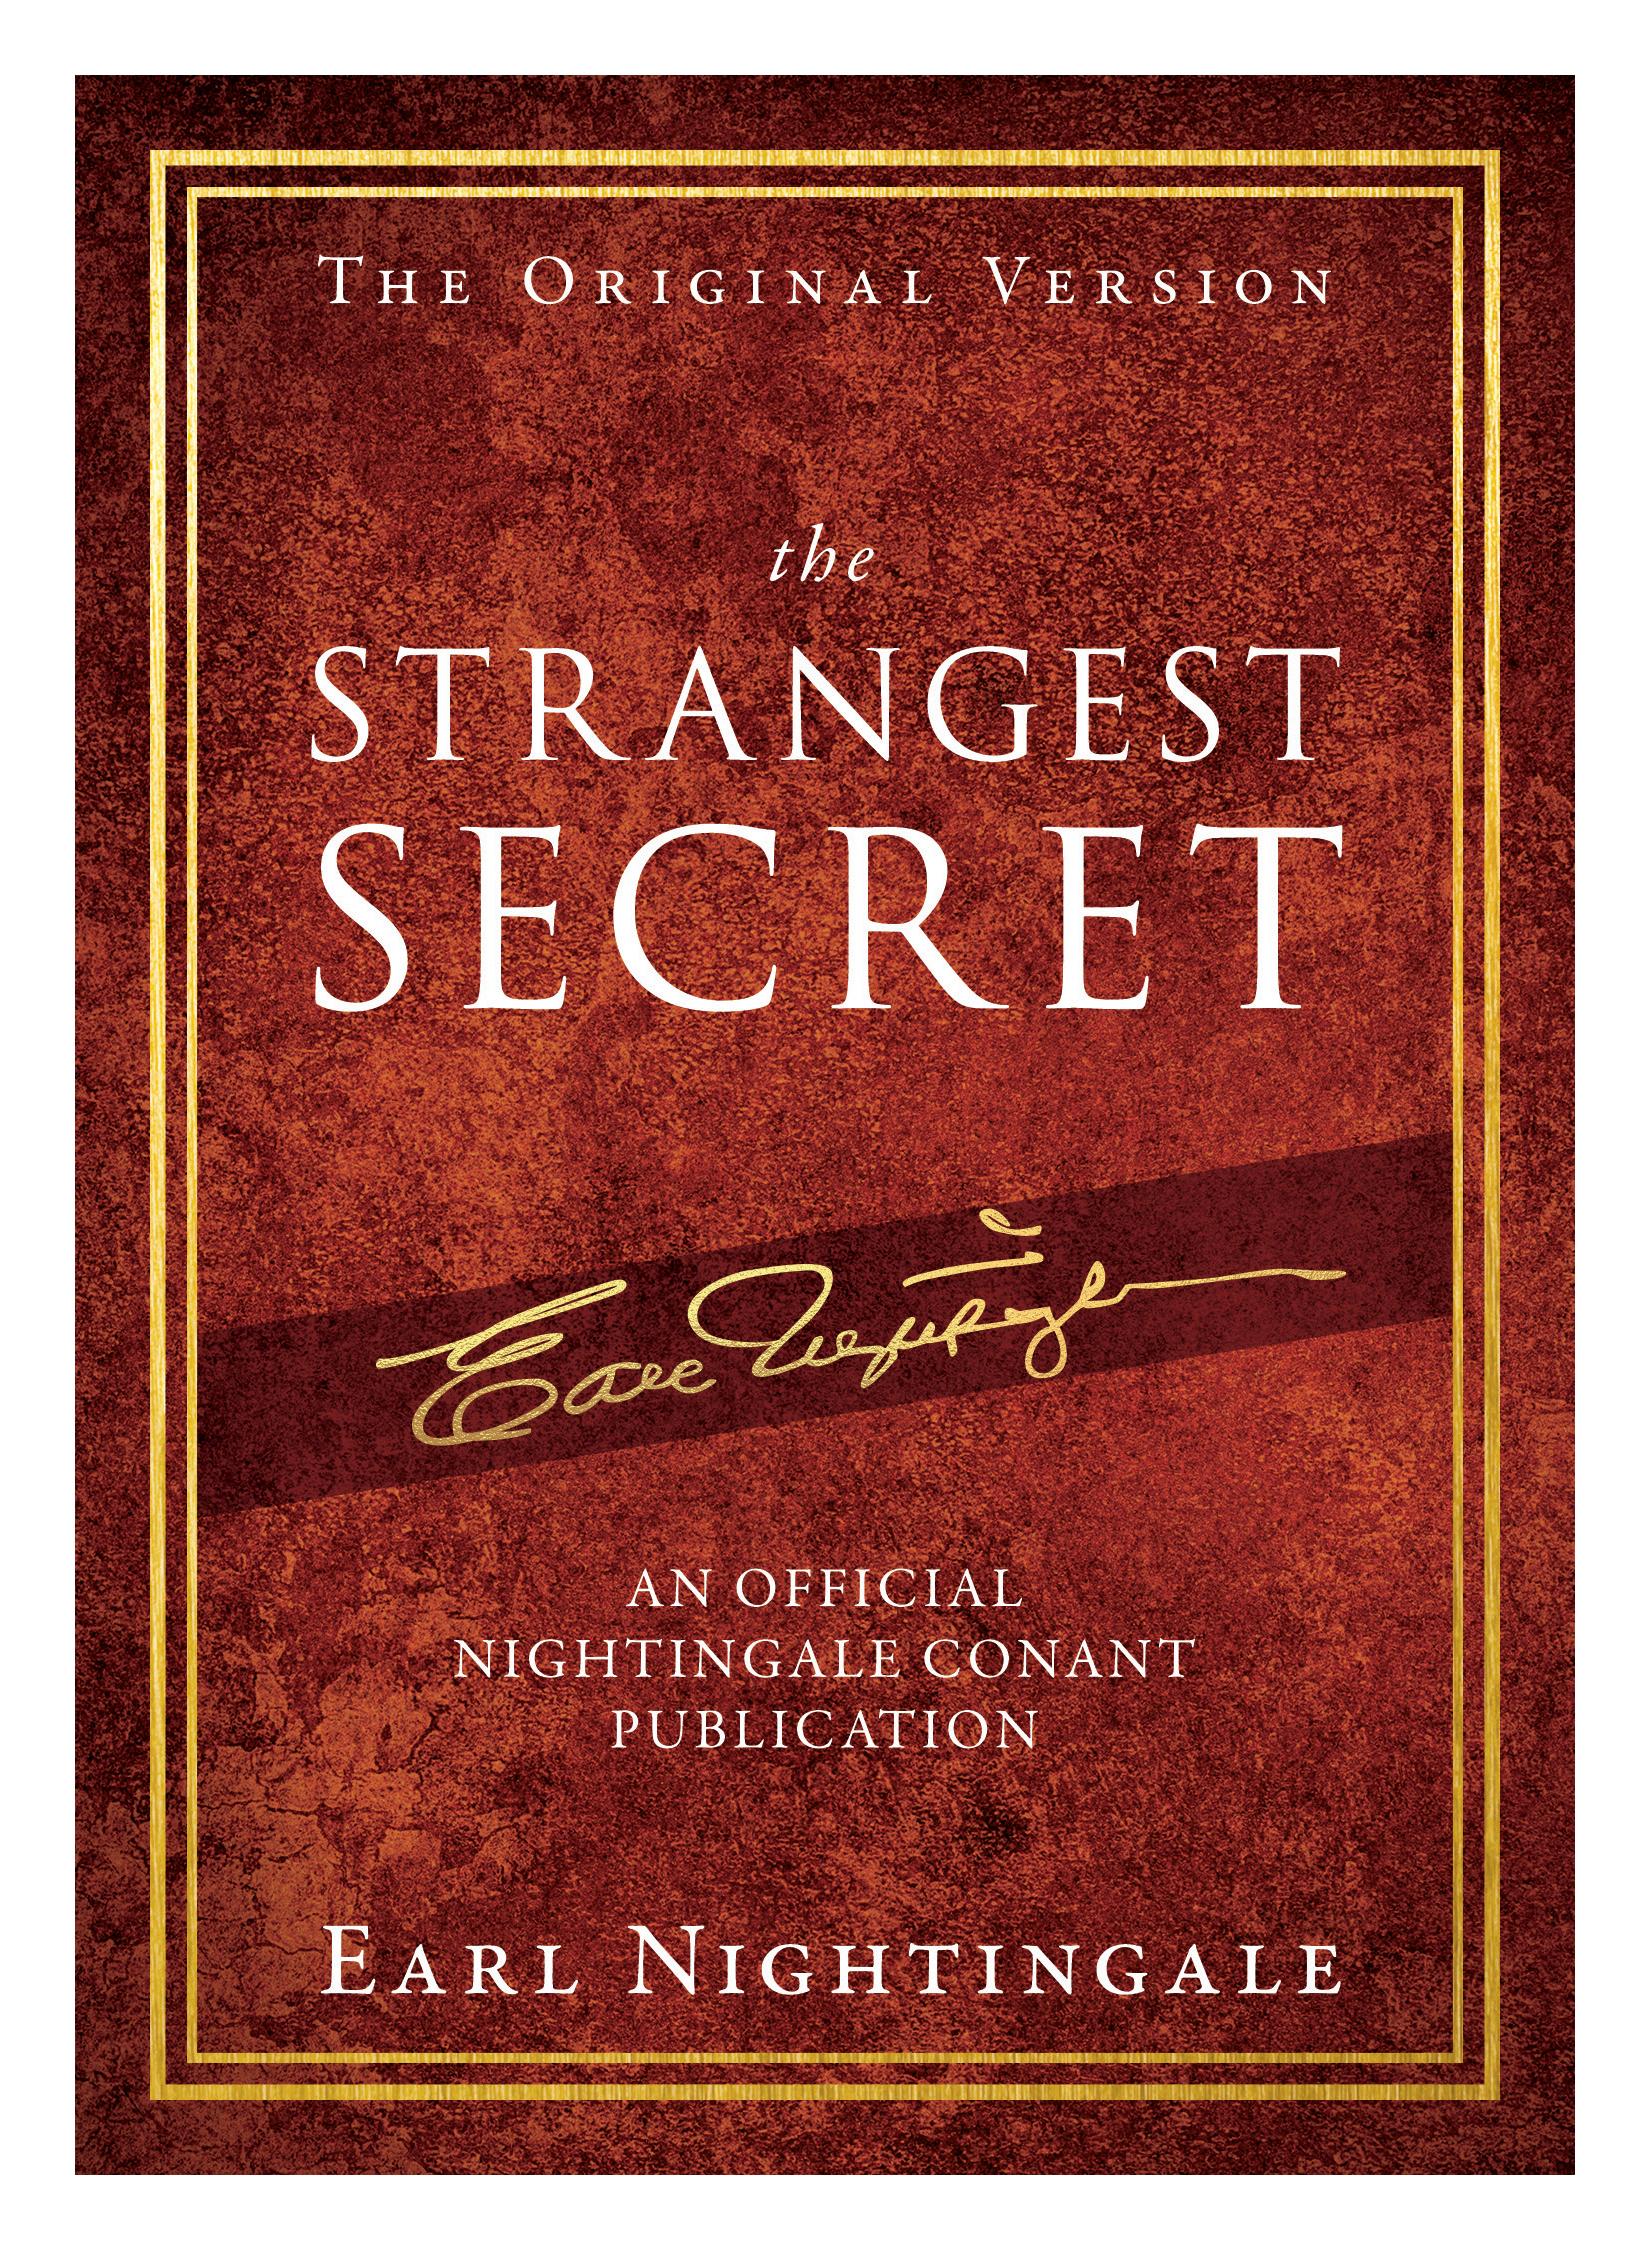 The_Strangest_Secret.jpg